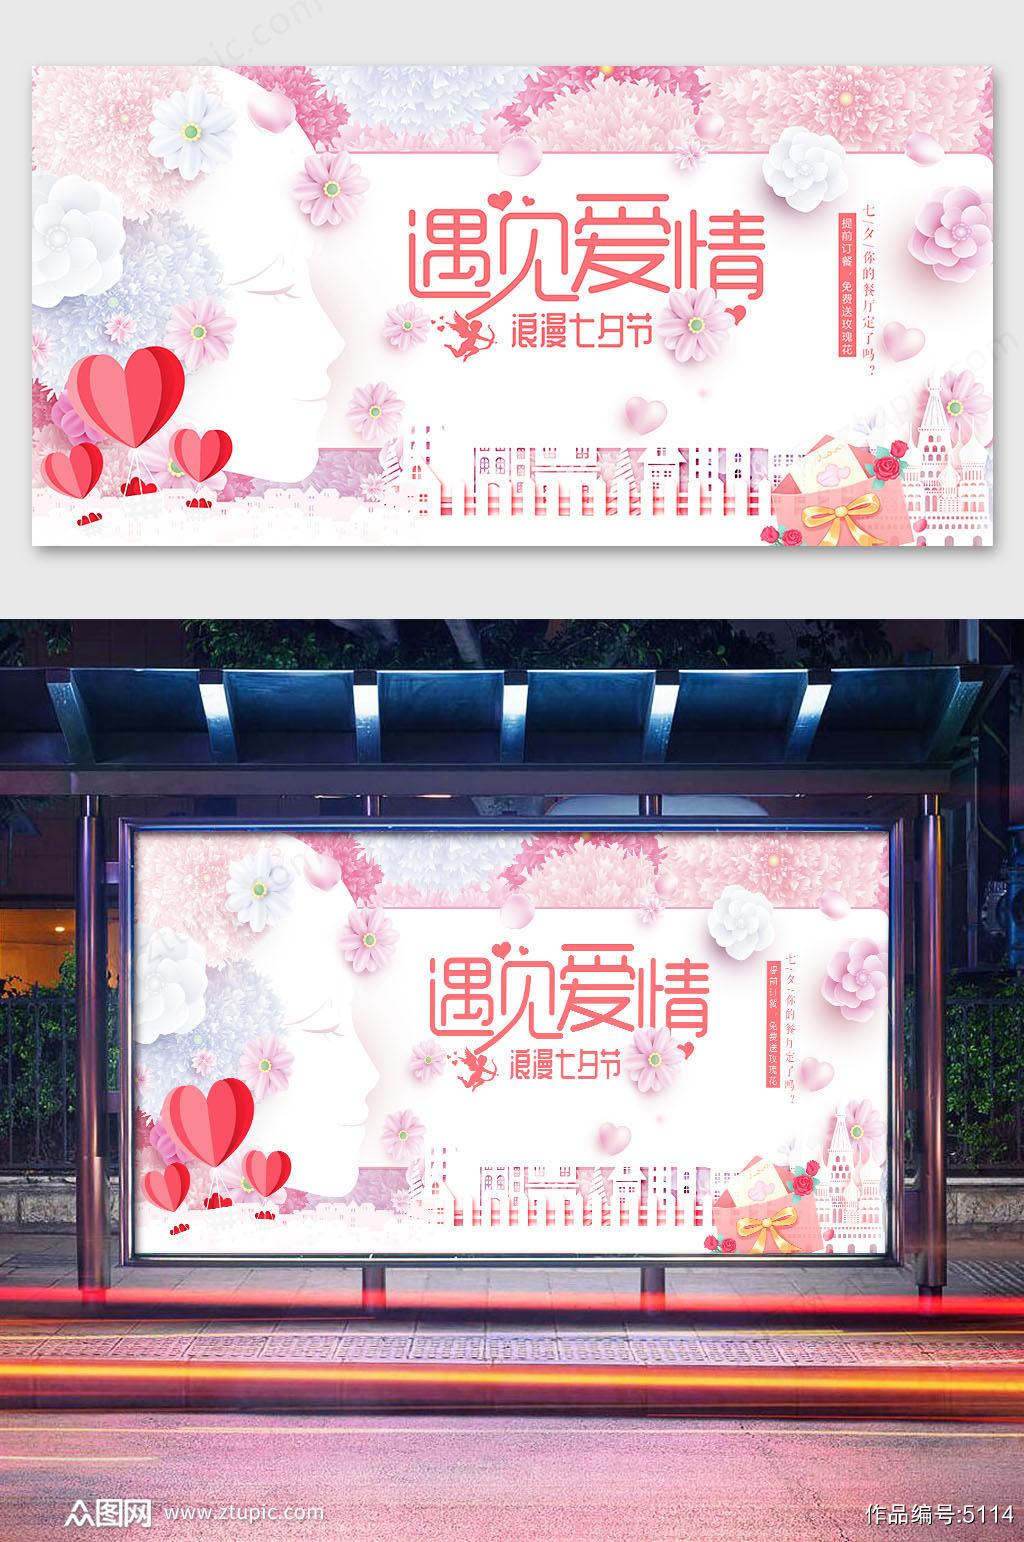 唯美浪漫七夕情人节相亲商场促销海报素材